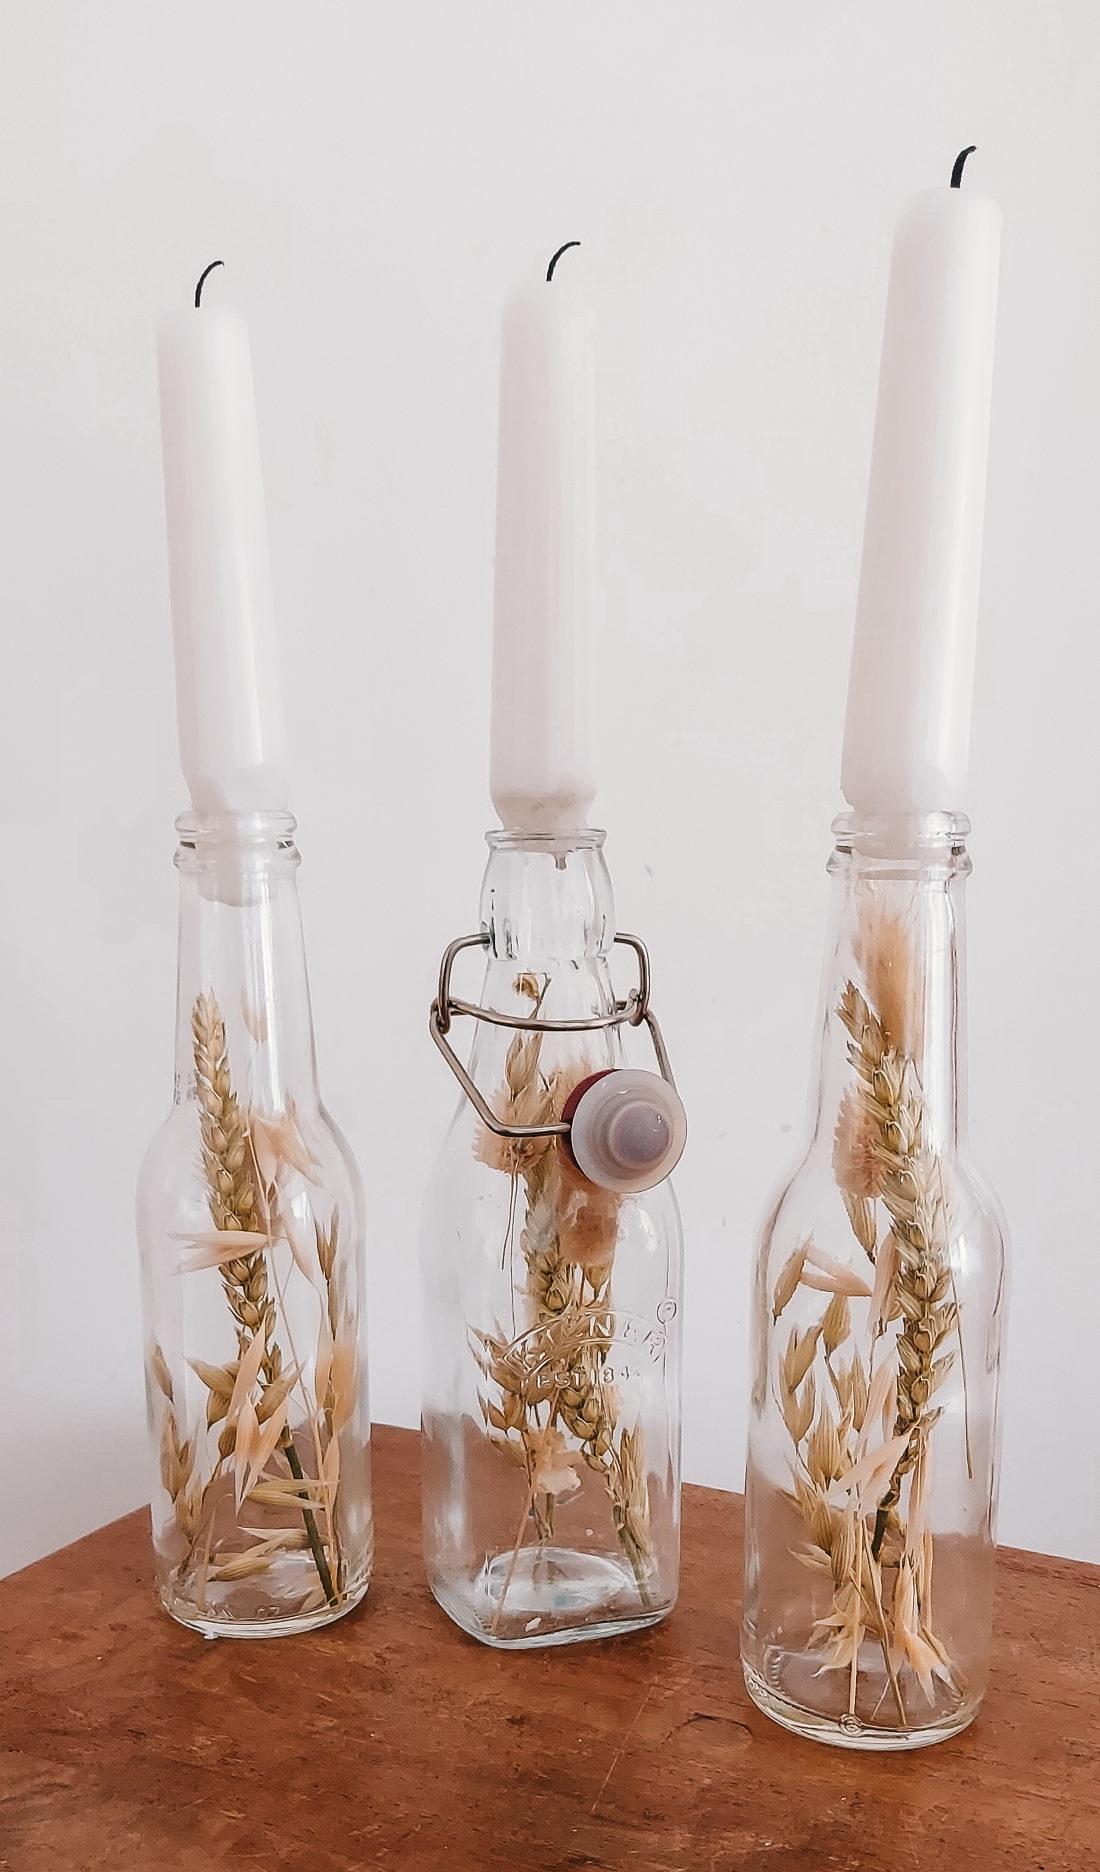 kaarsen kandelaar droogbloemen zelf maken diy